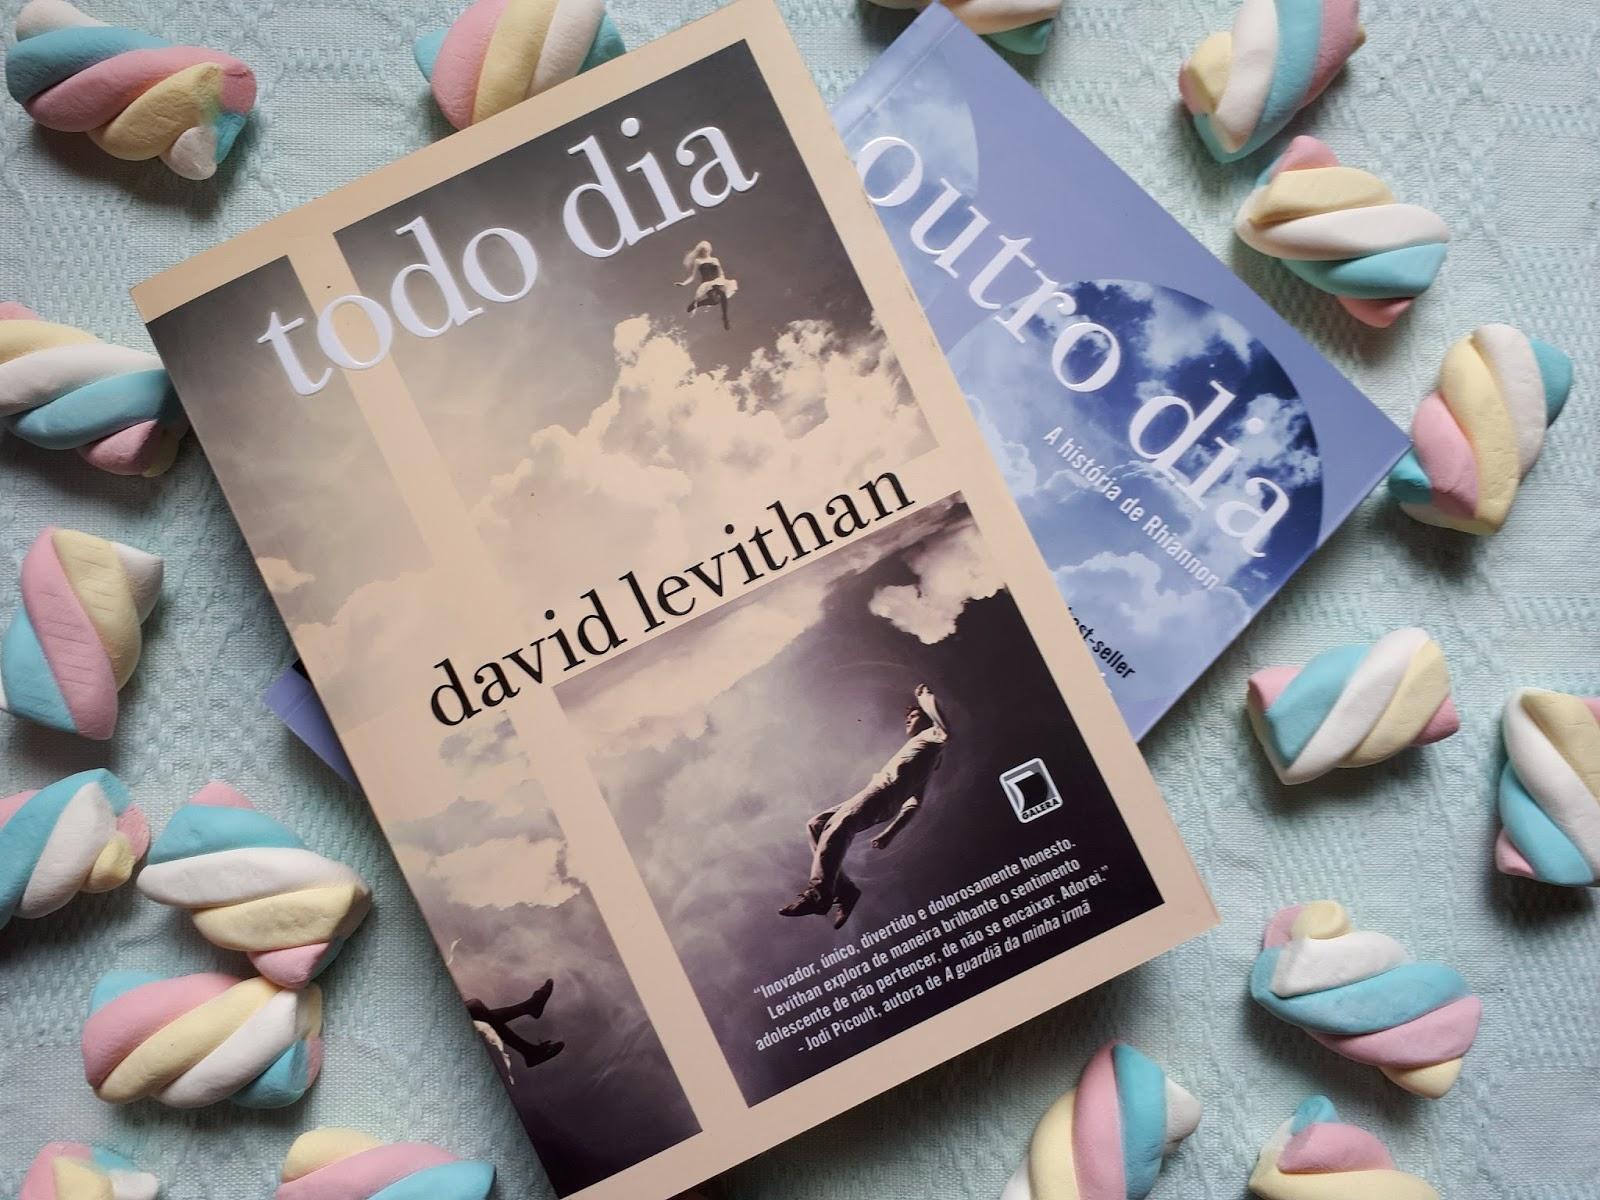 DICA DE LIVRO: TODO DIA - DAVID LEVITHAN (TODO DIA #1)